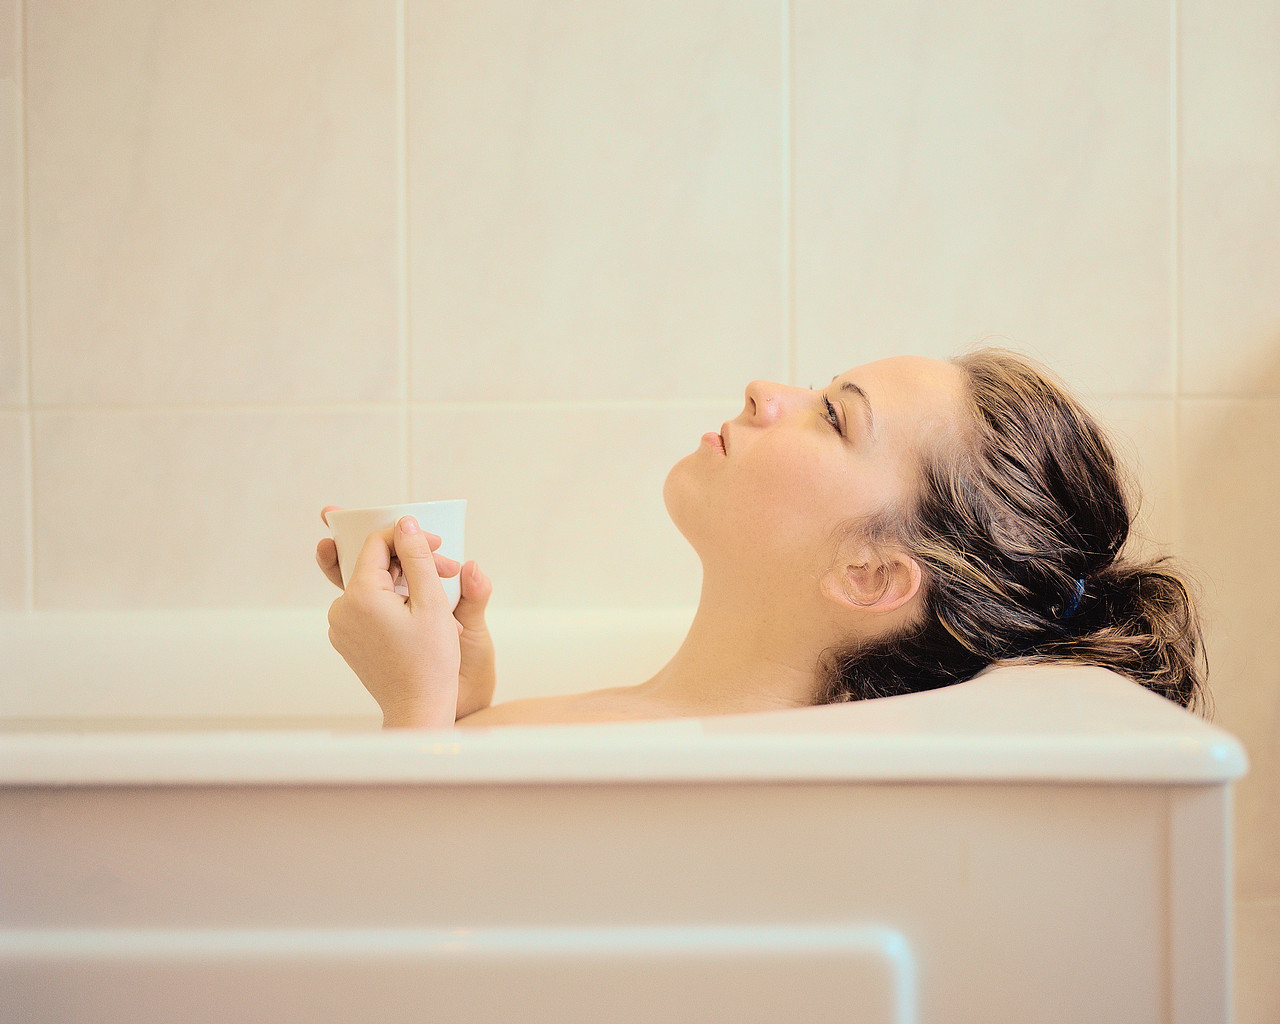 Woman Lying in a Bathtub Holding a Mug ca. 2001